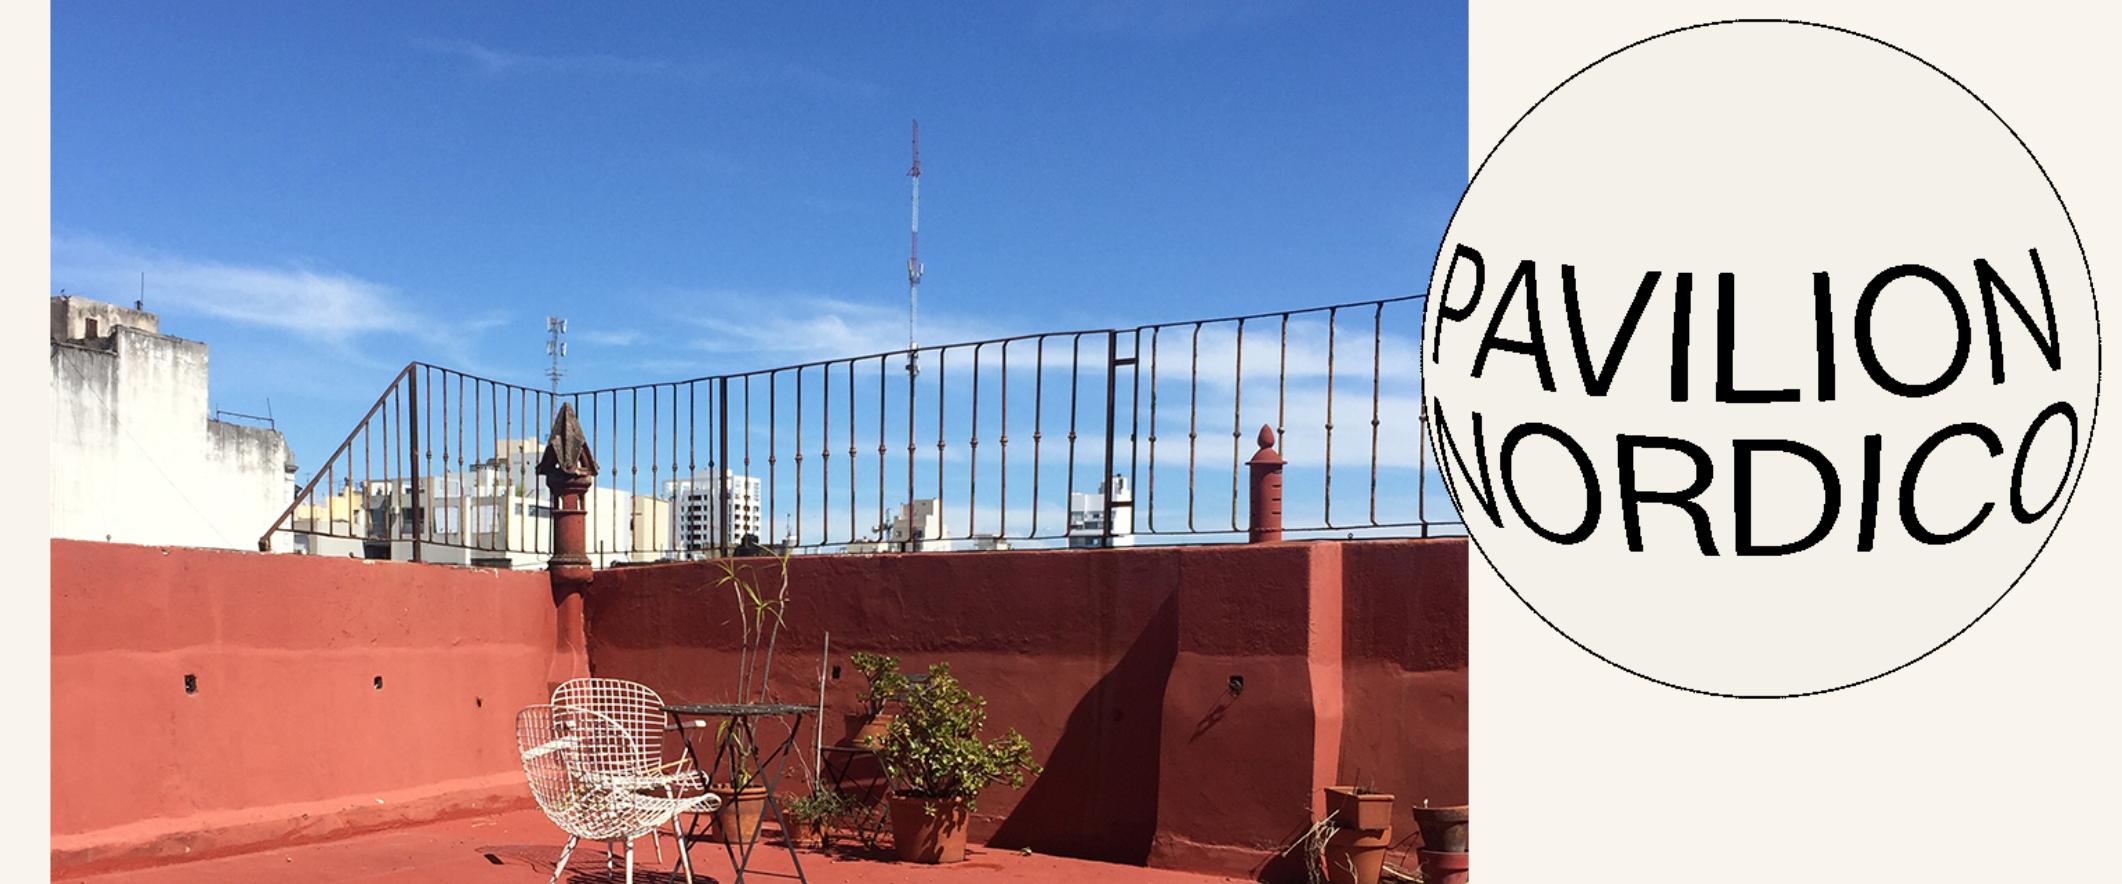 PAVILION NODICO IN BUENOS AIRES